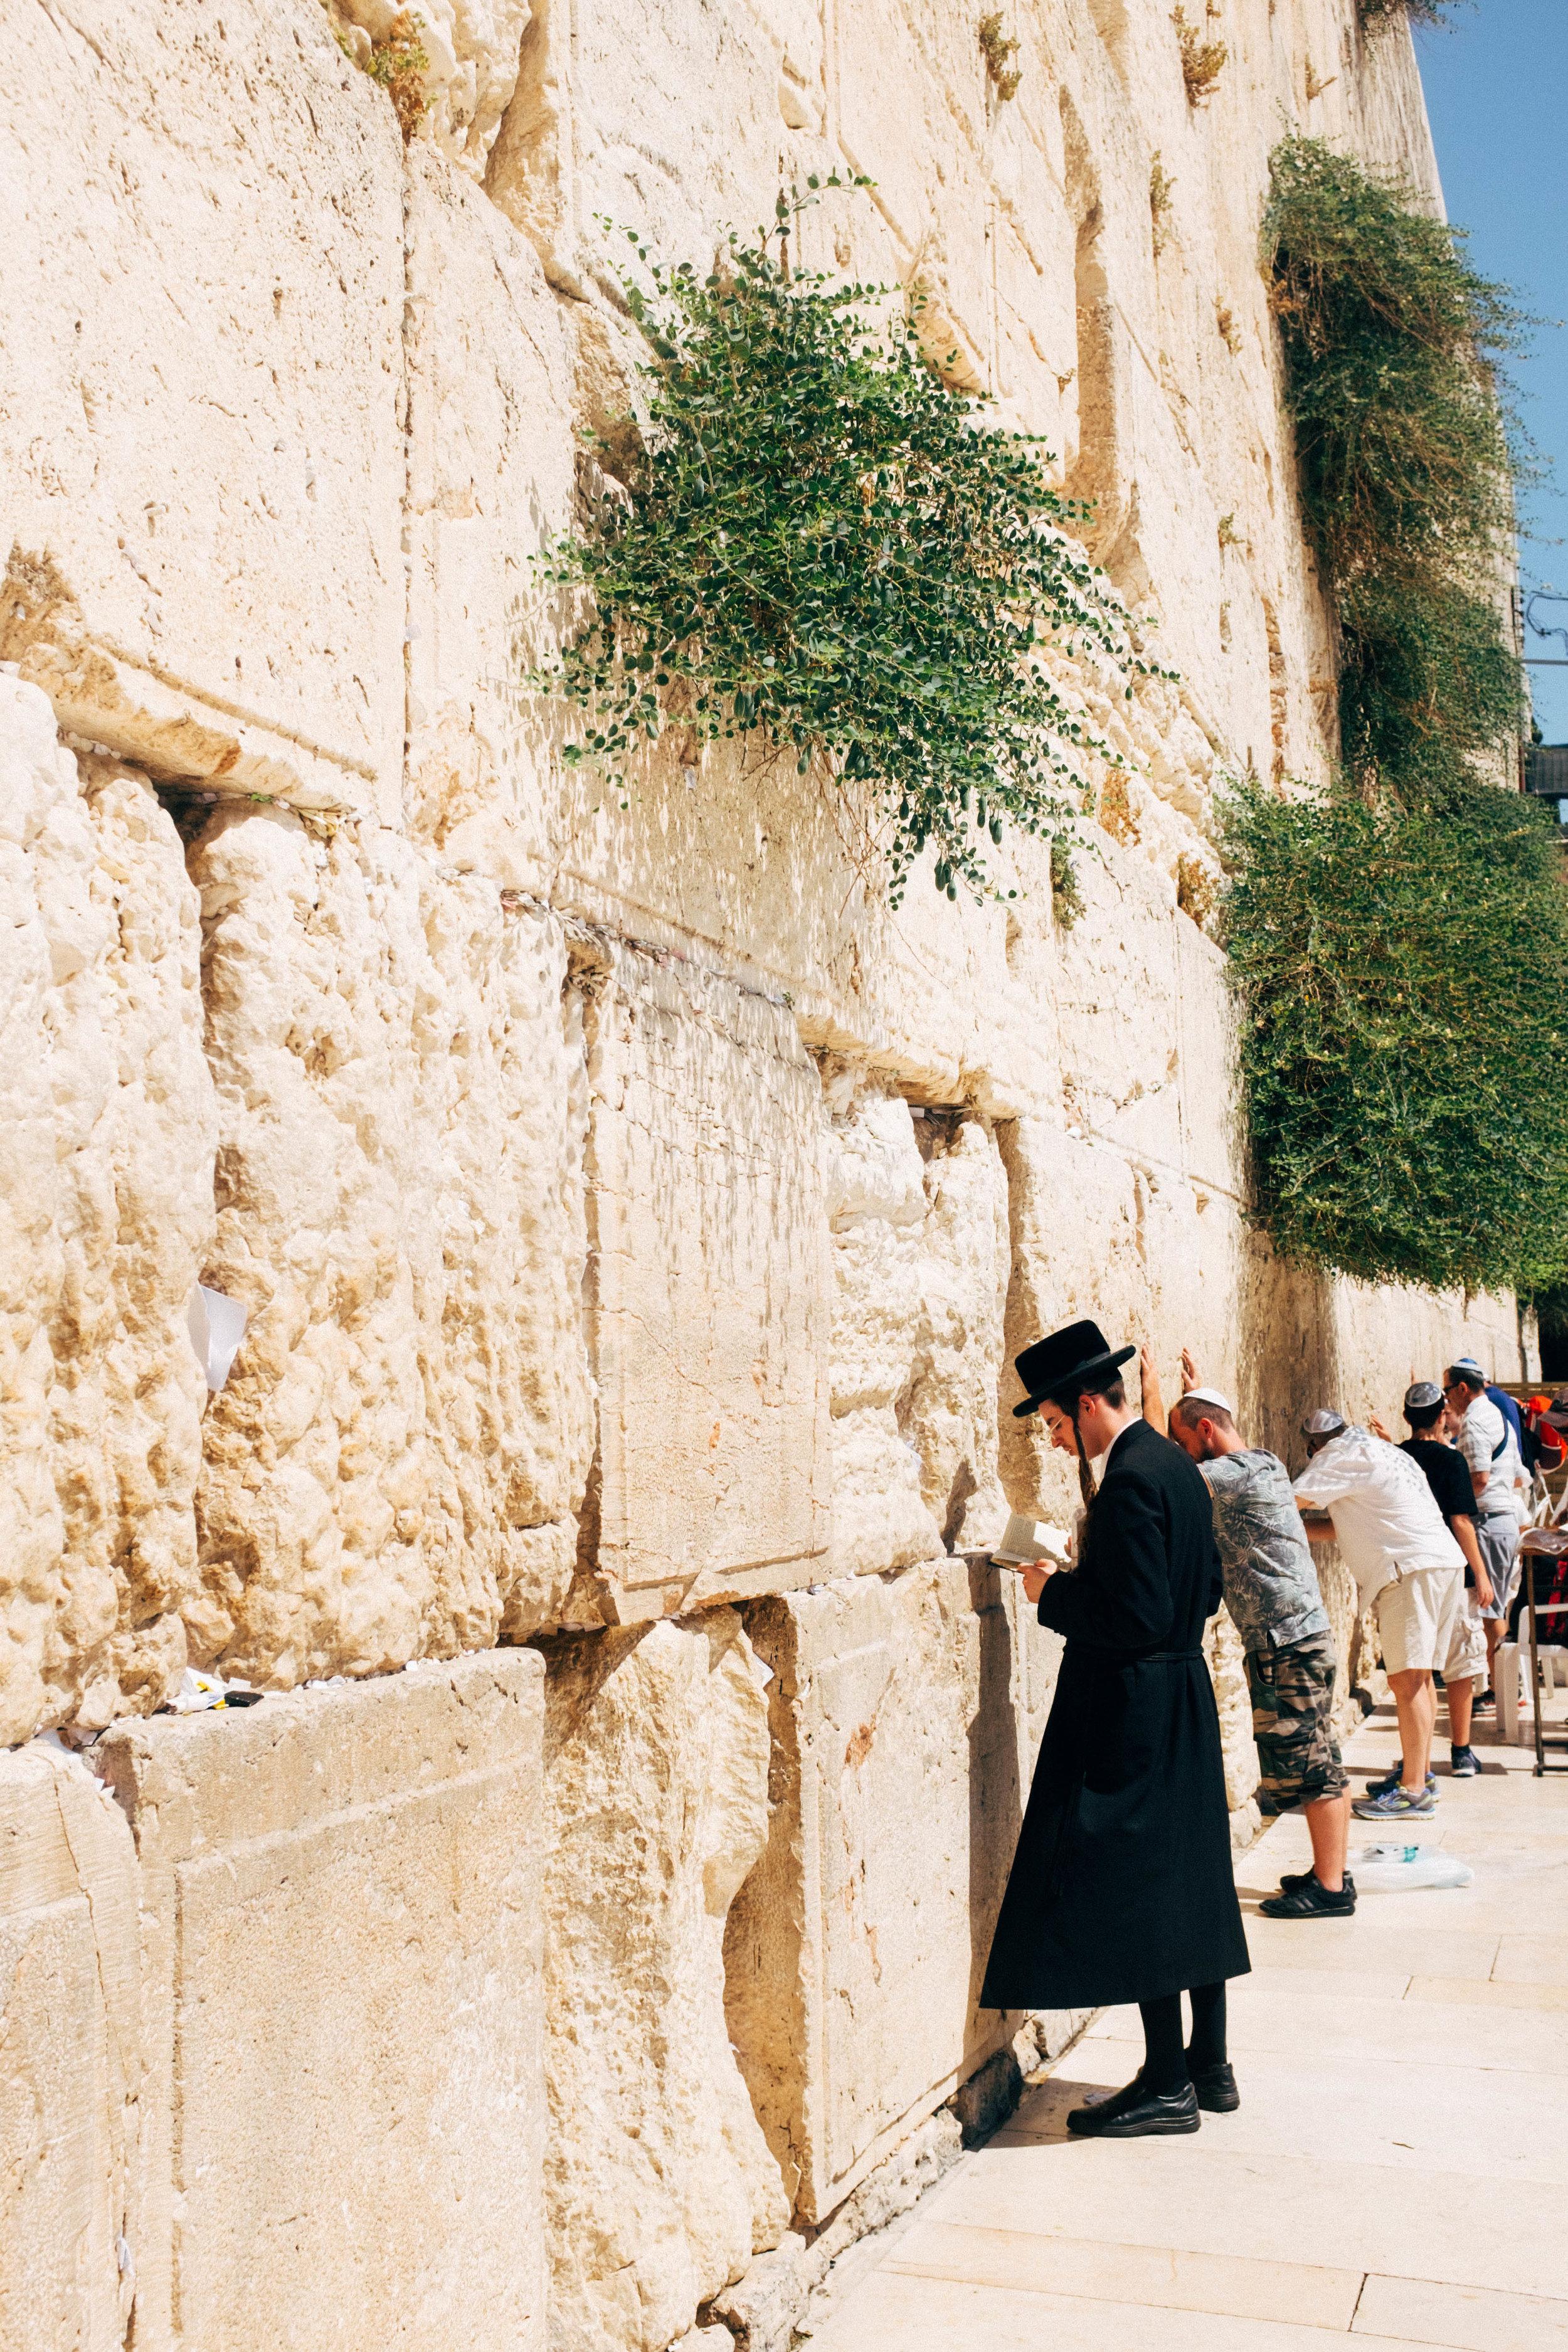 Israel-270.jpg